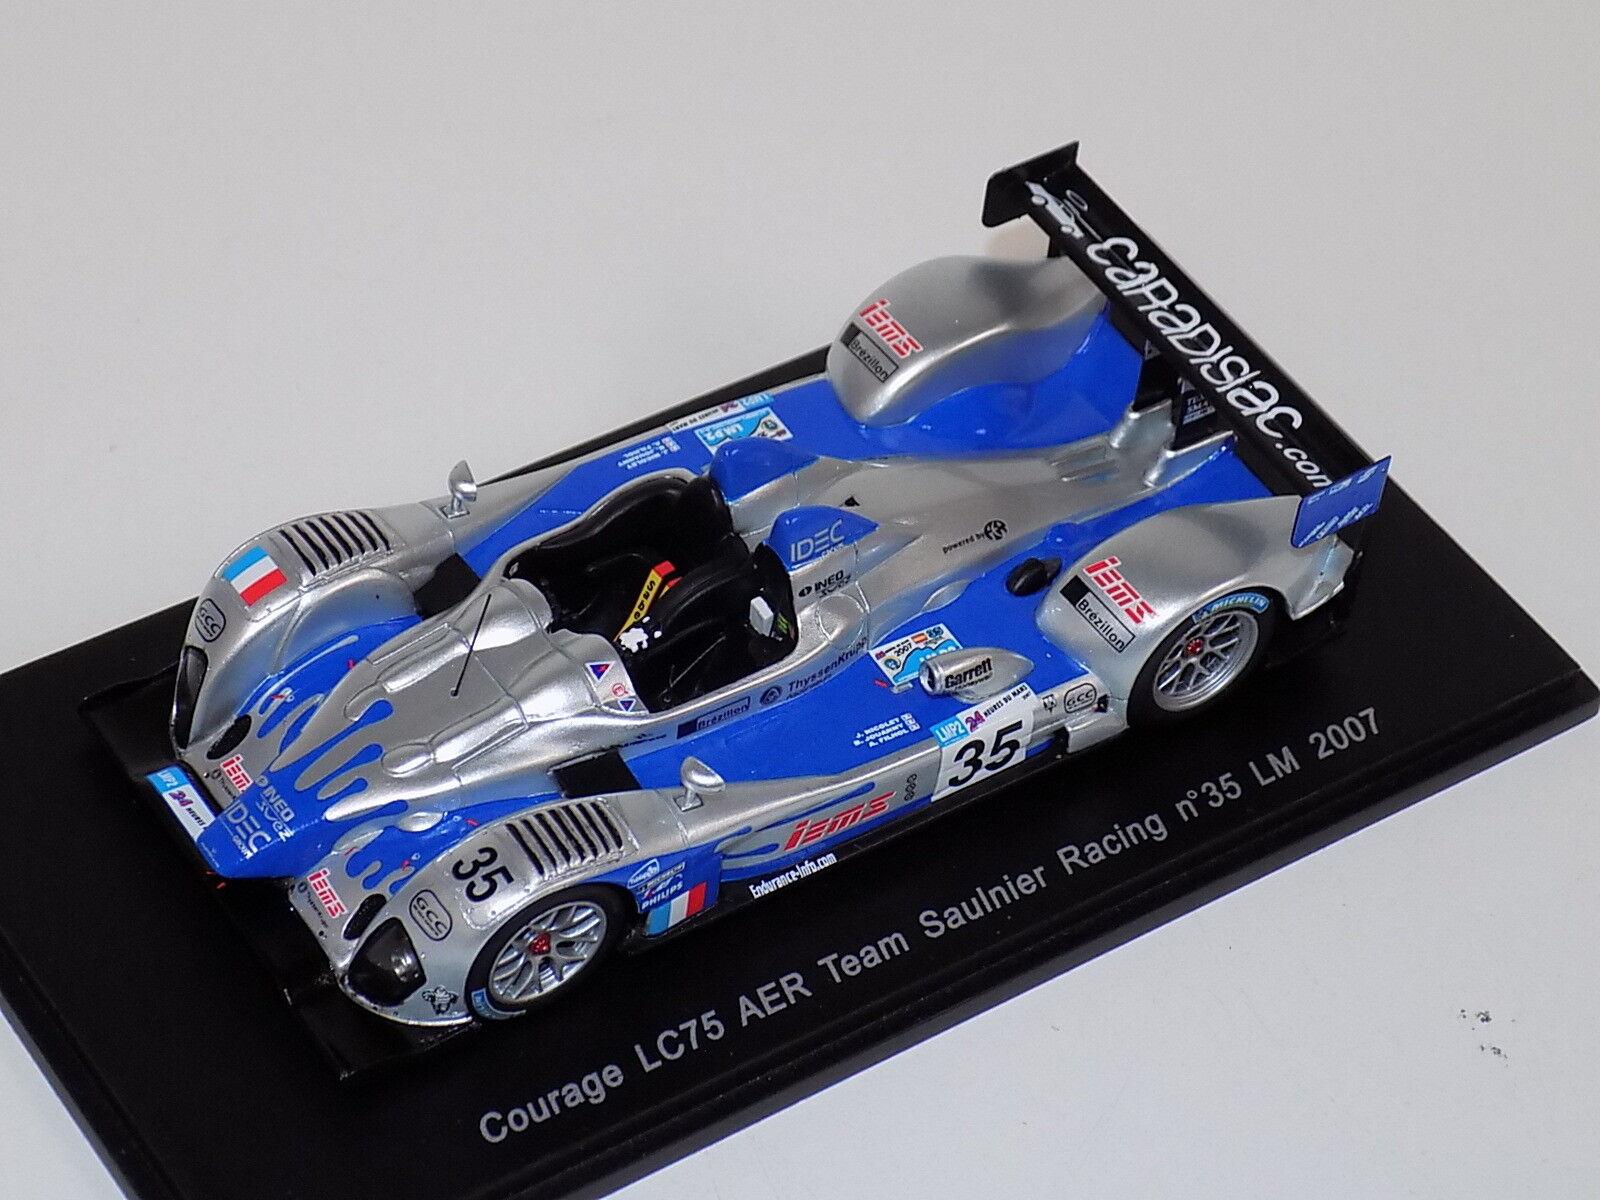 1 43 Spark coraje LC25 AER coche horas de LeMans 2007 S1424